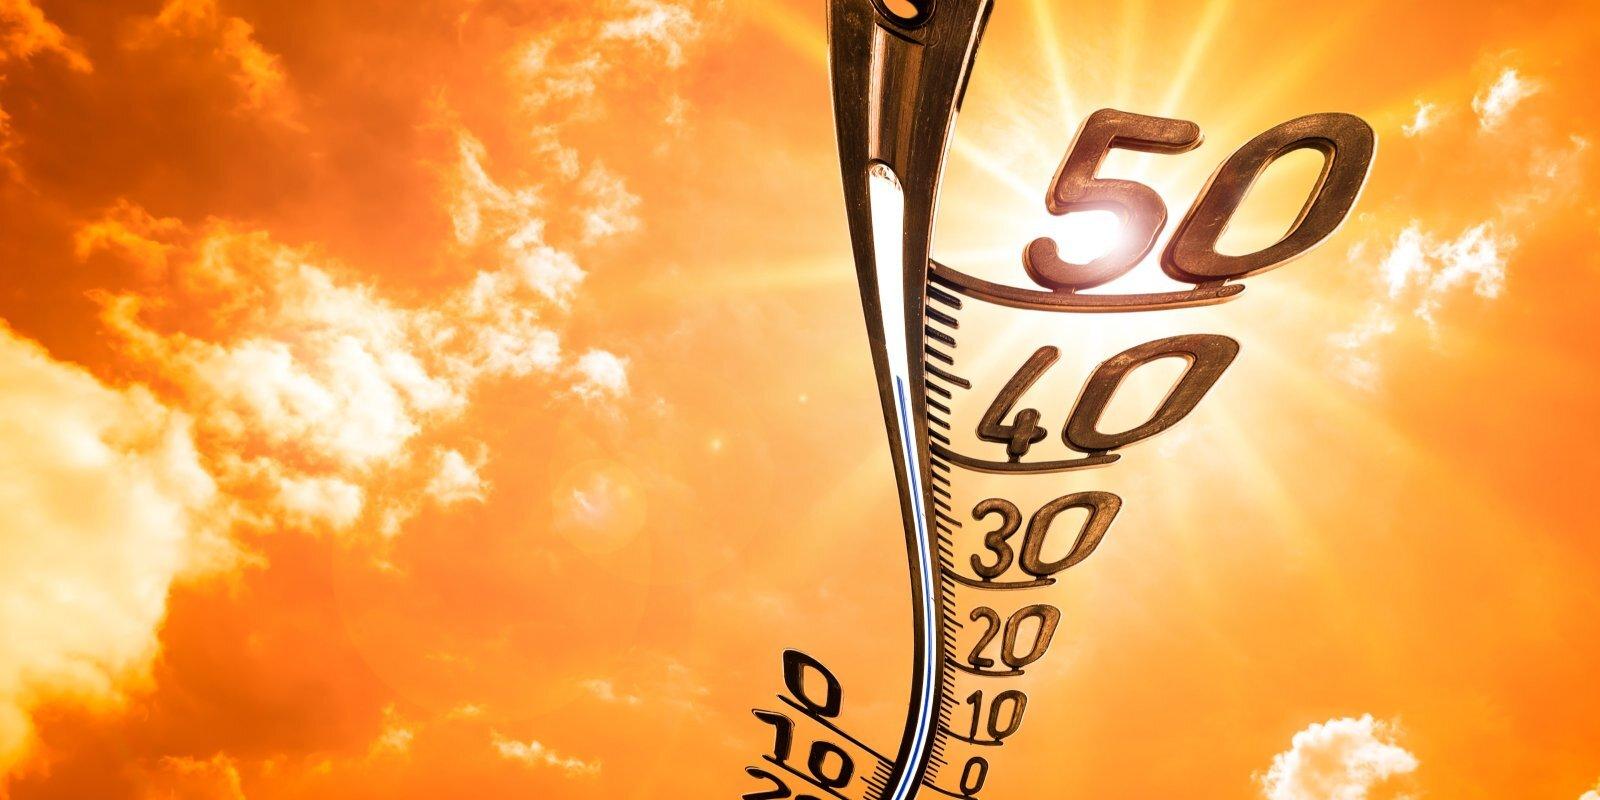 Мы близки к точке невозврата. Метеоролог Светлана Анискевич о том, что стоит за аномальной жарой в Латвии